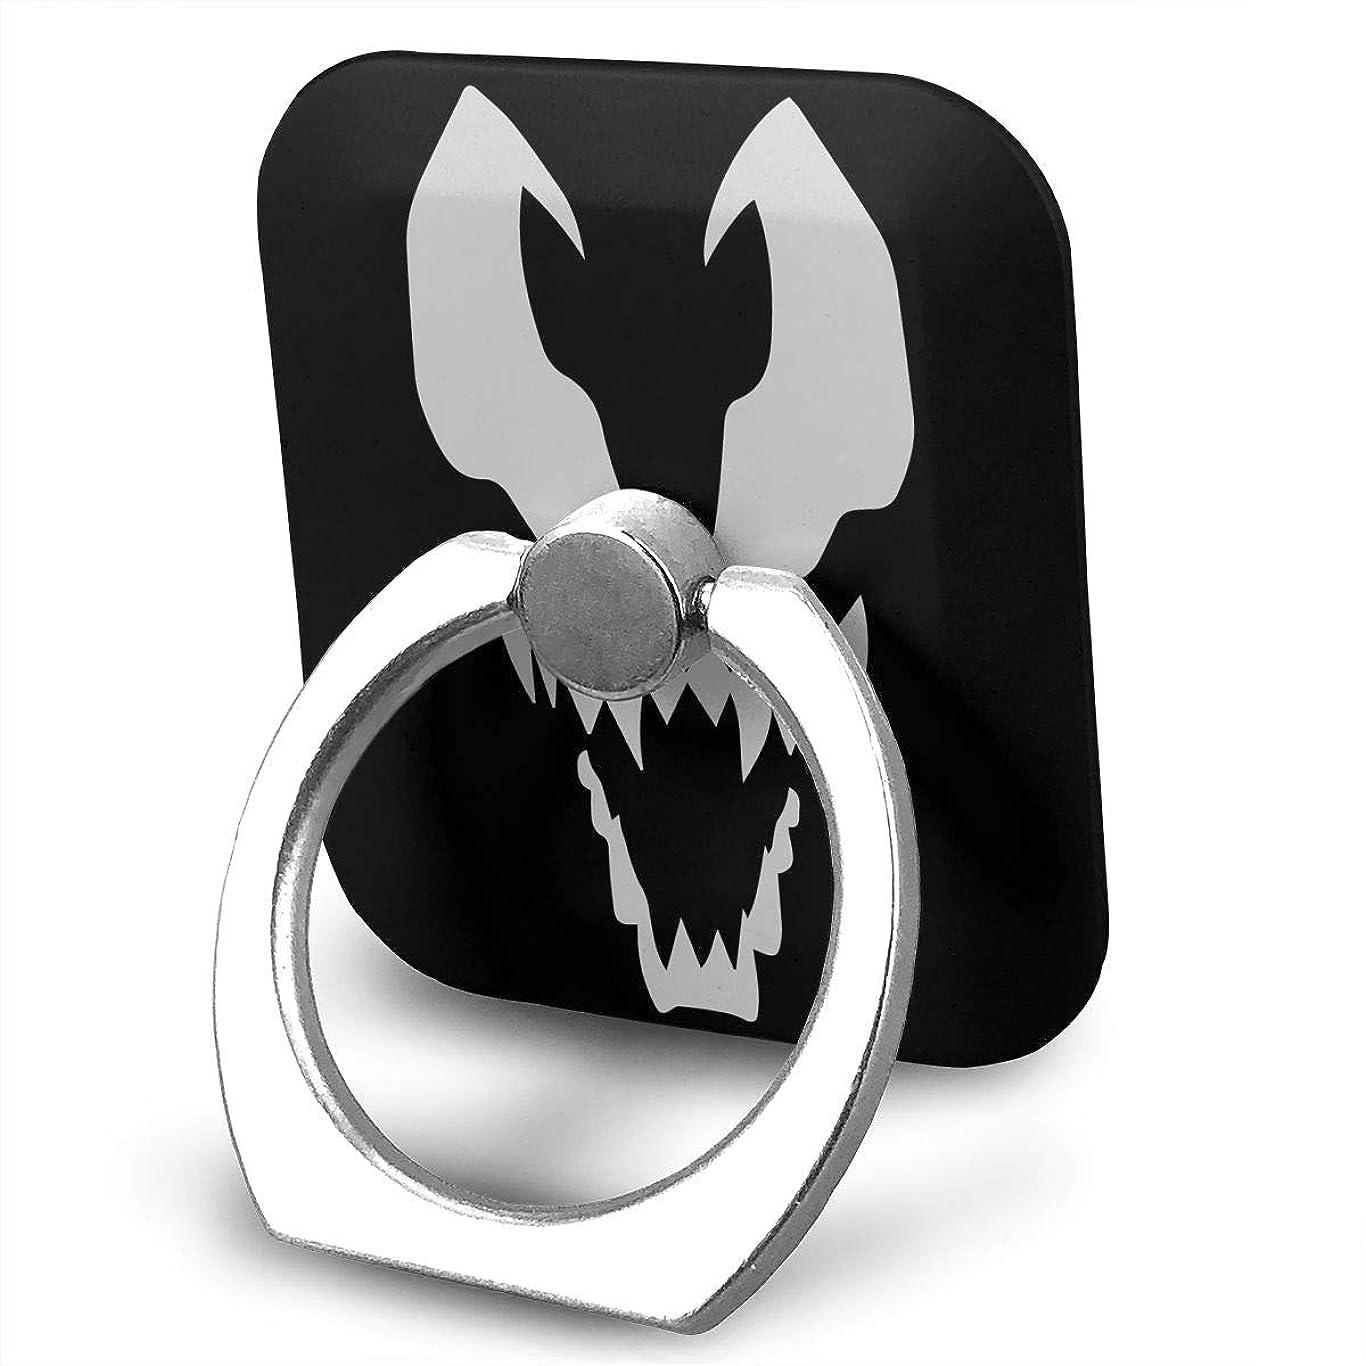 厳密に靴ブリードスパイダーマンのヴェノム スマホリング ホールド リング 指輪リング 薄型 おしゃれ 落下防止 360° ホルダー 強吸着力 IPhone/Android各種他対応